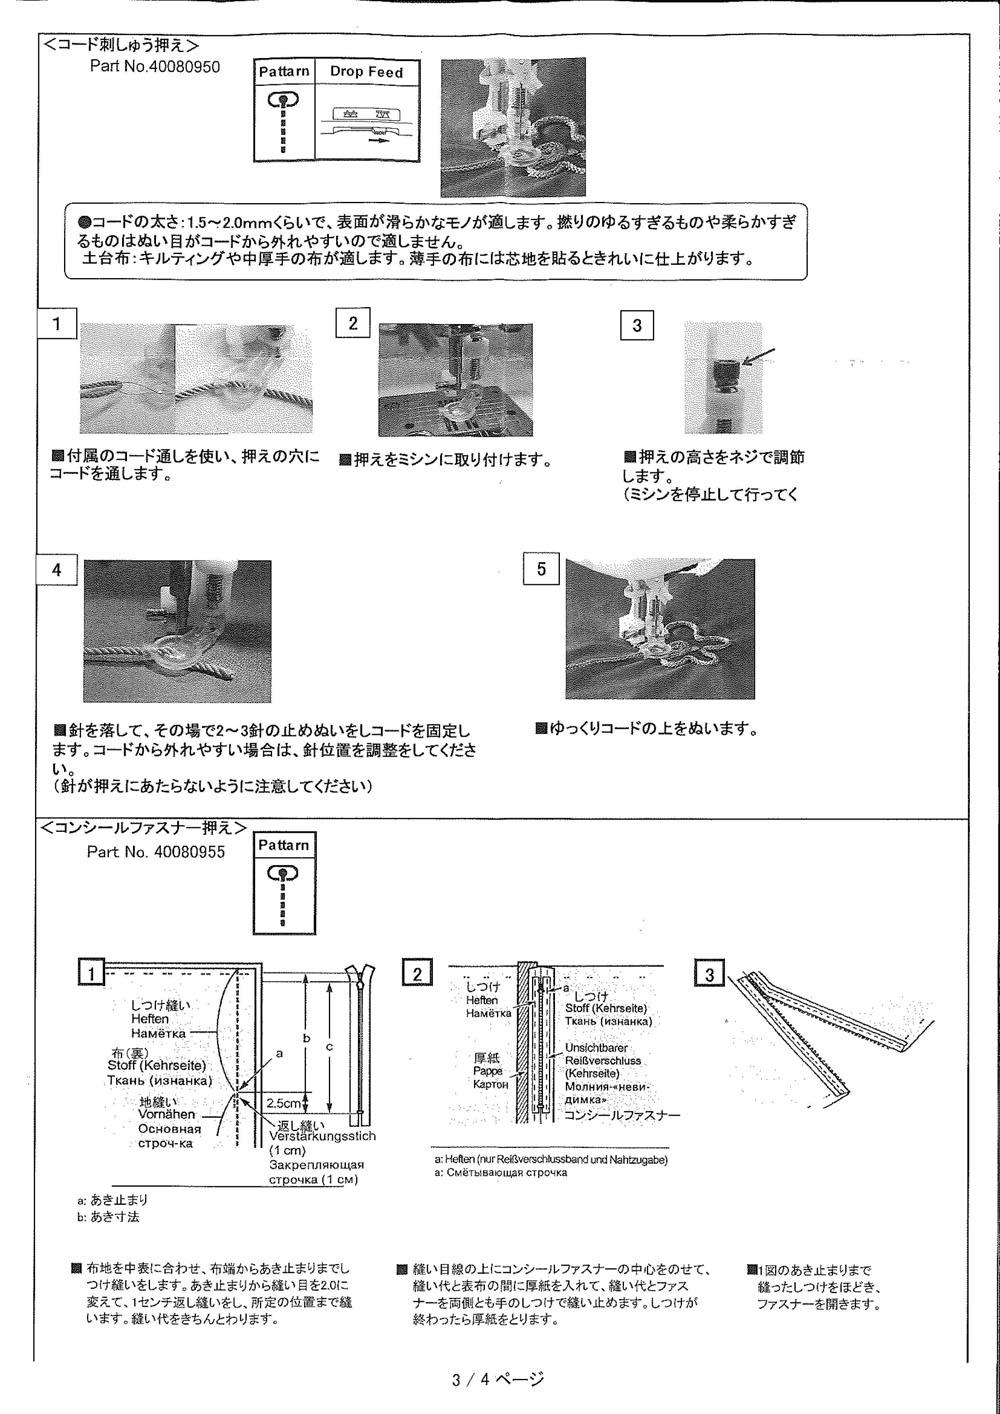 【送料無料】 ヘビーユーザーキット HZL-G200